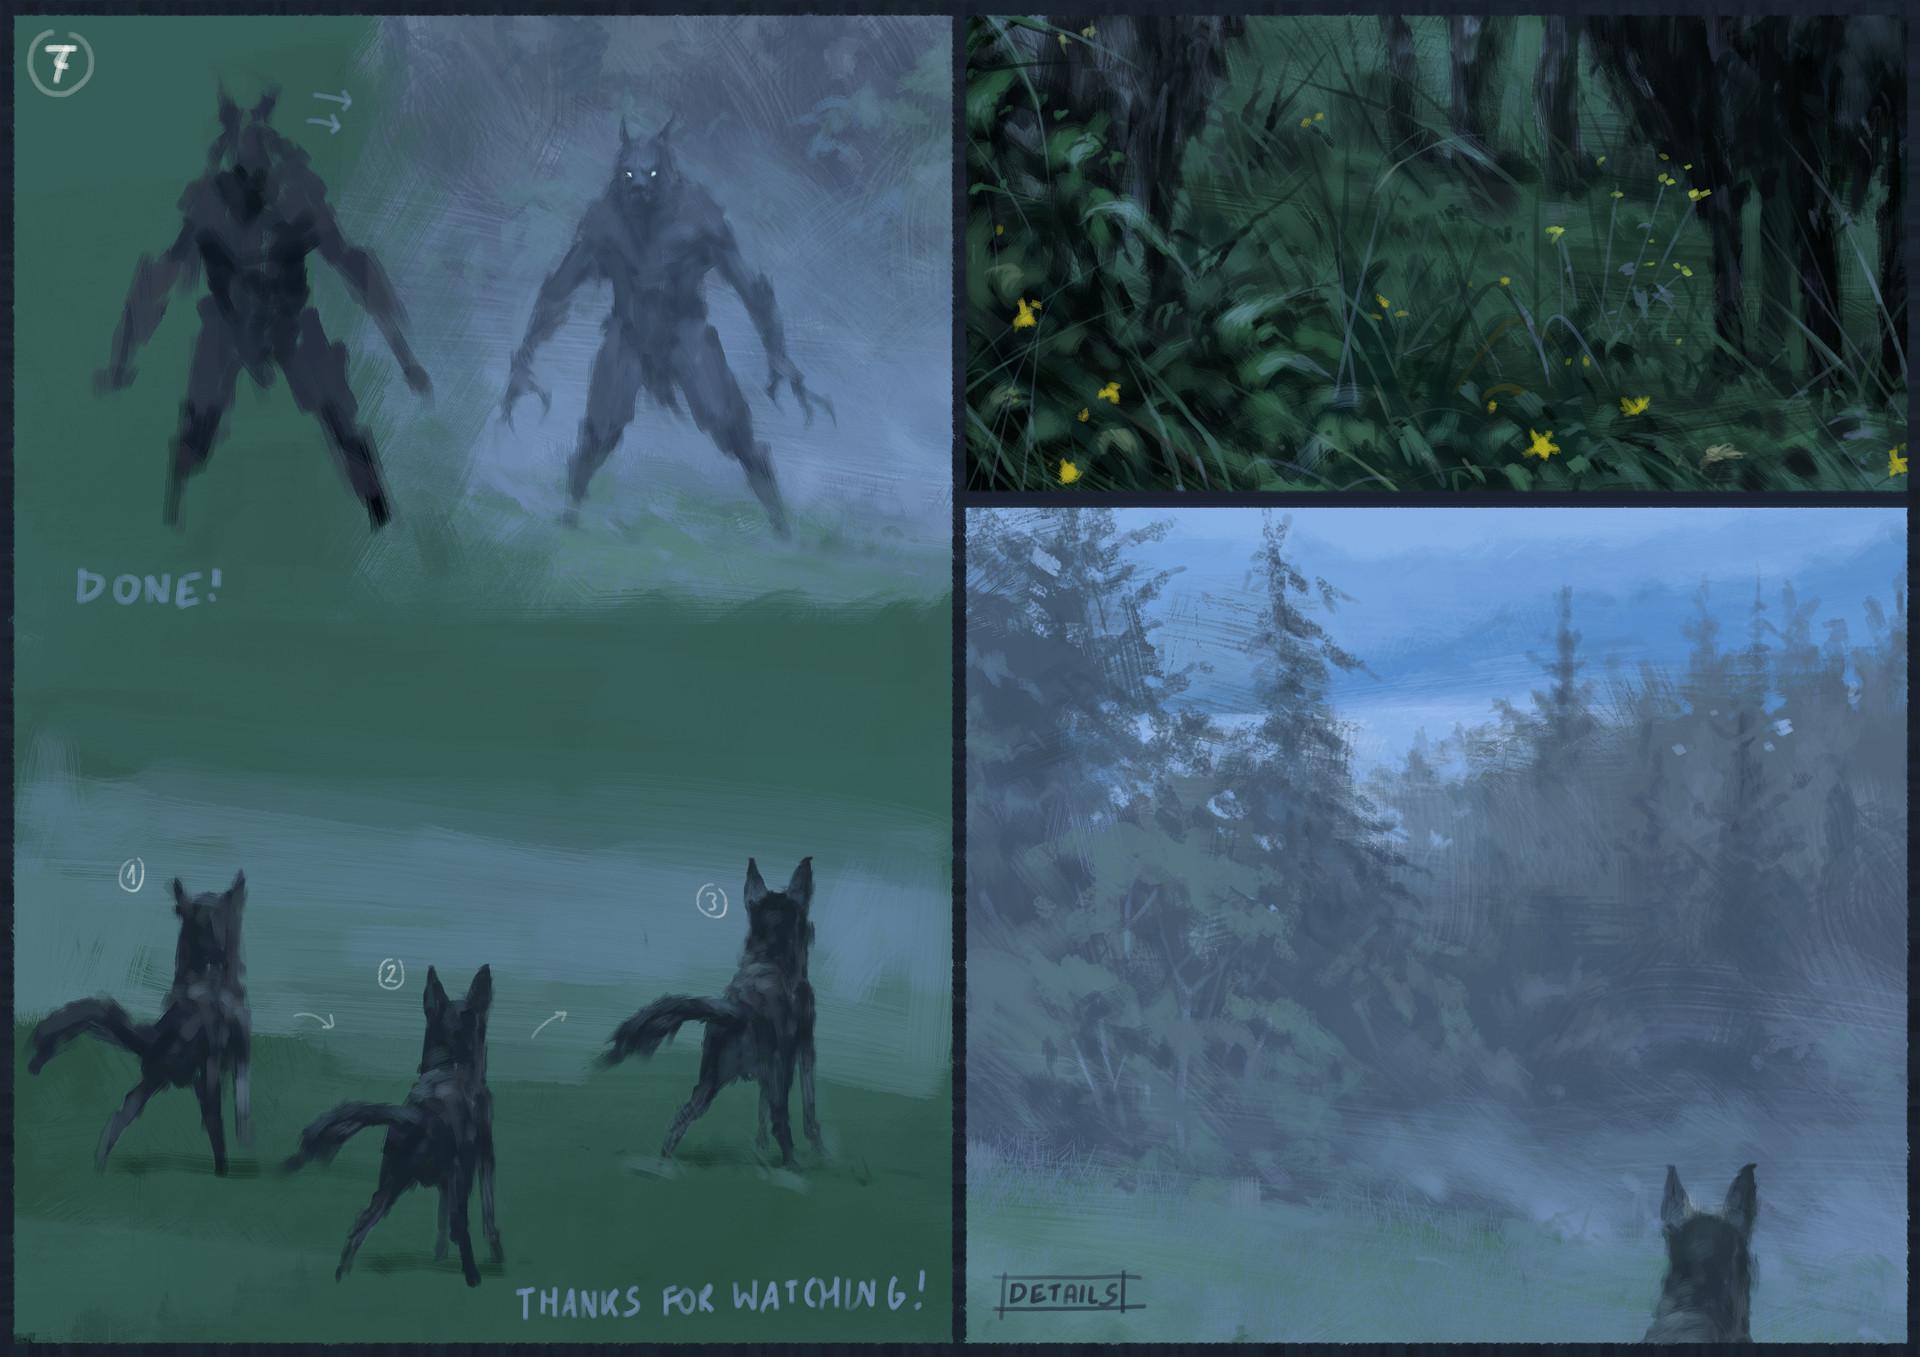 Jakub rozalski wilk syty owca cala process04